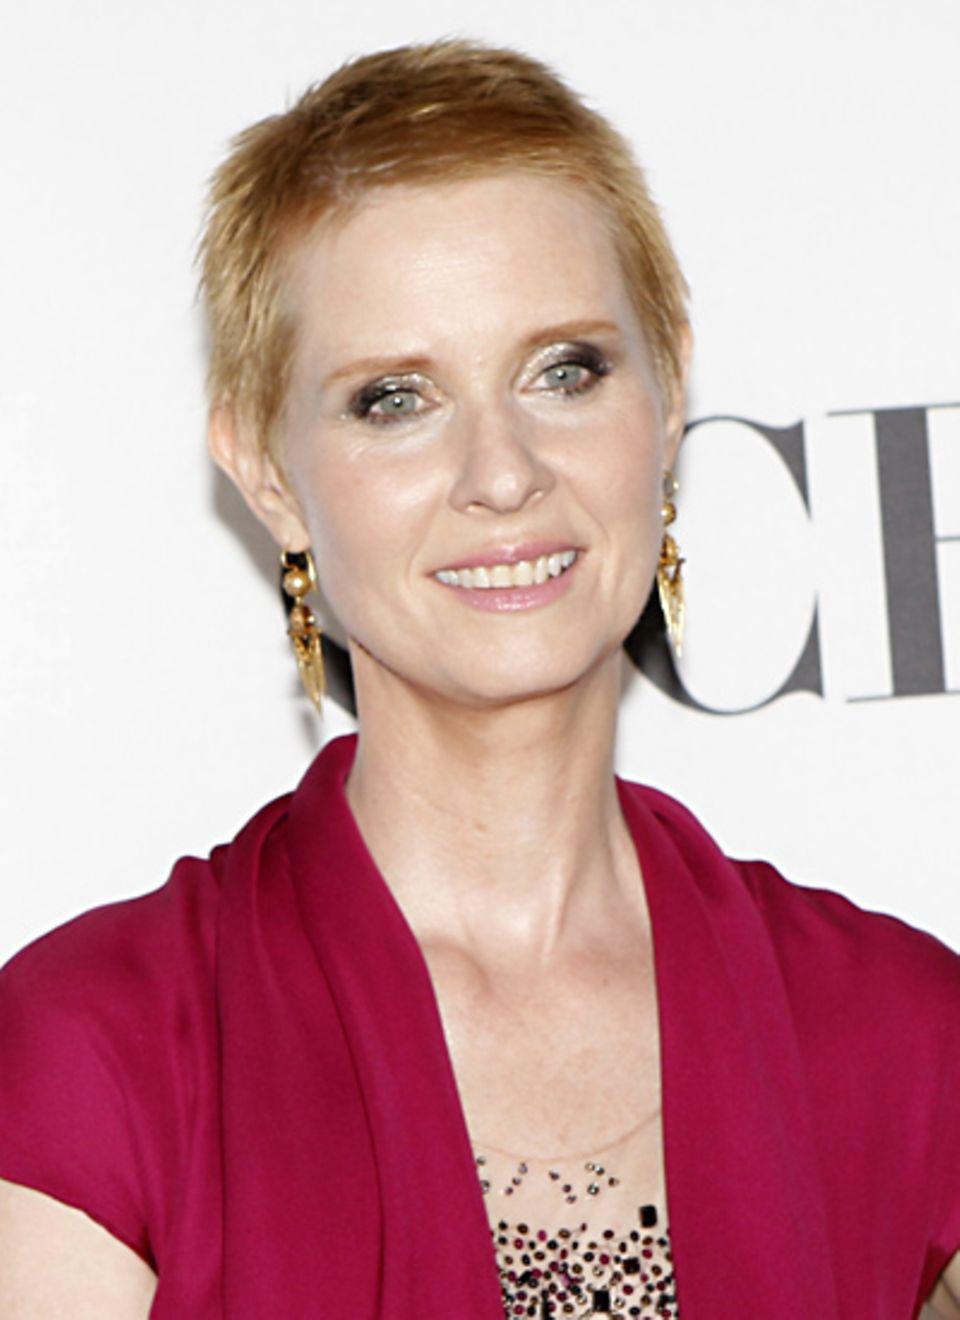 Wenn man wie Cynthia Nixon die Haare von einer, bei ihr rollenbedingten, Kahlrasur wieder länger züchtet, hilft kräftiges Augen-